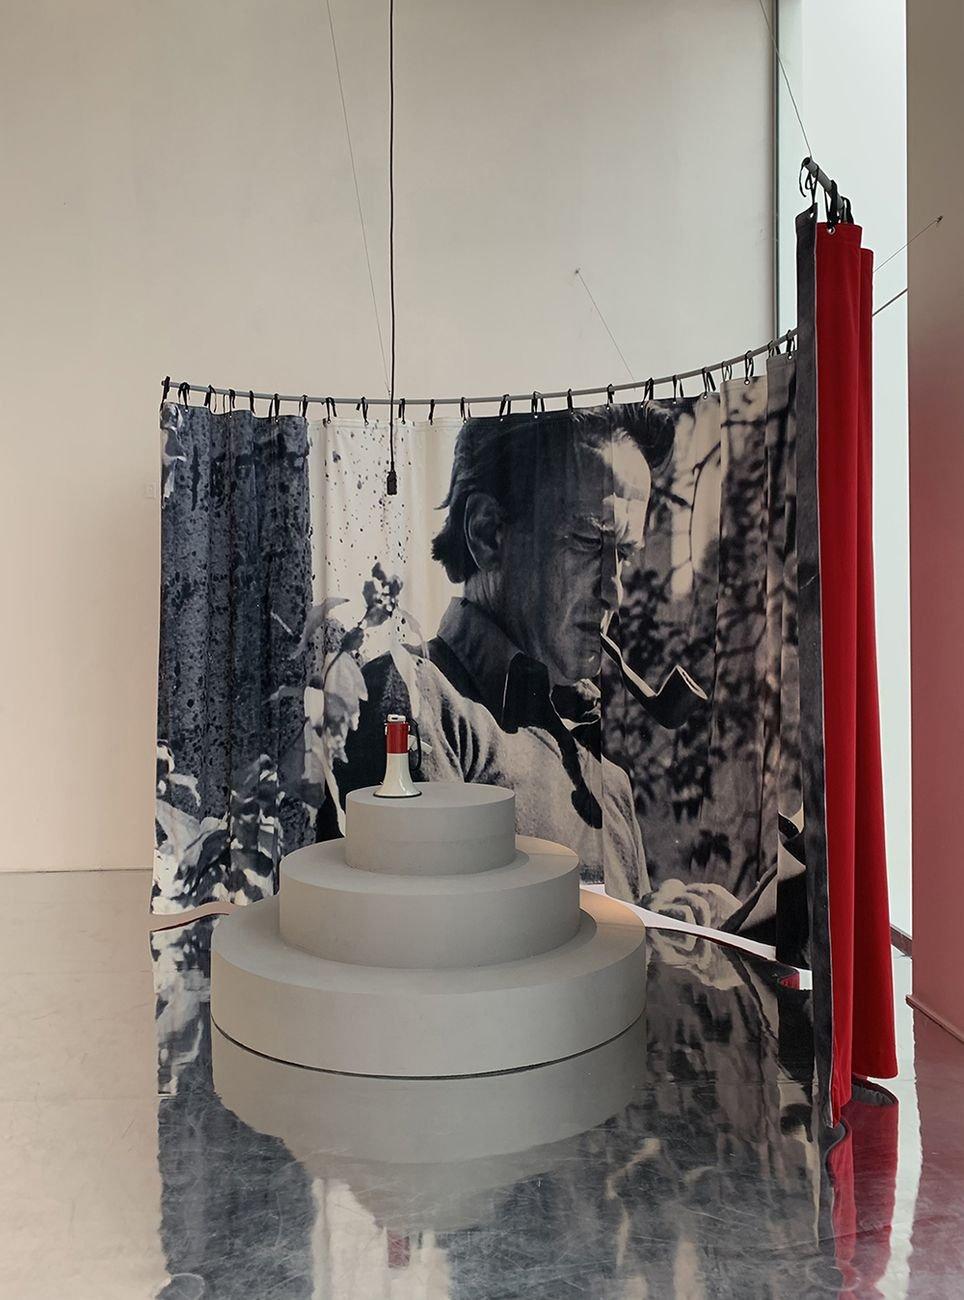 I quaderni di Giancarlo De Carlo 1966 2005. Installation view at La Triennale di Milano, 2020. Photo Derin Canturk